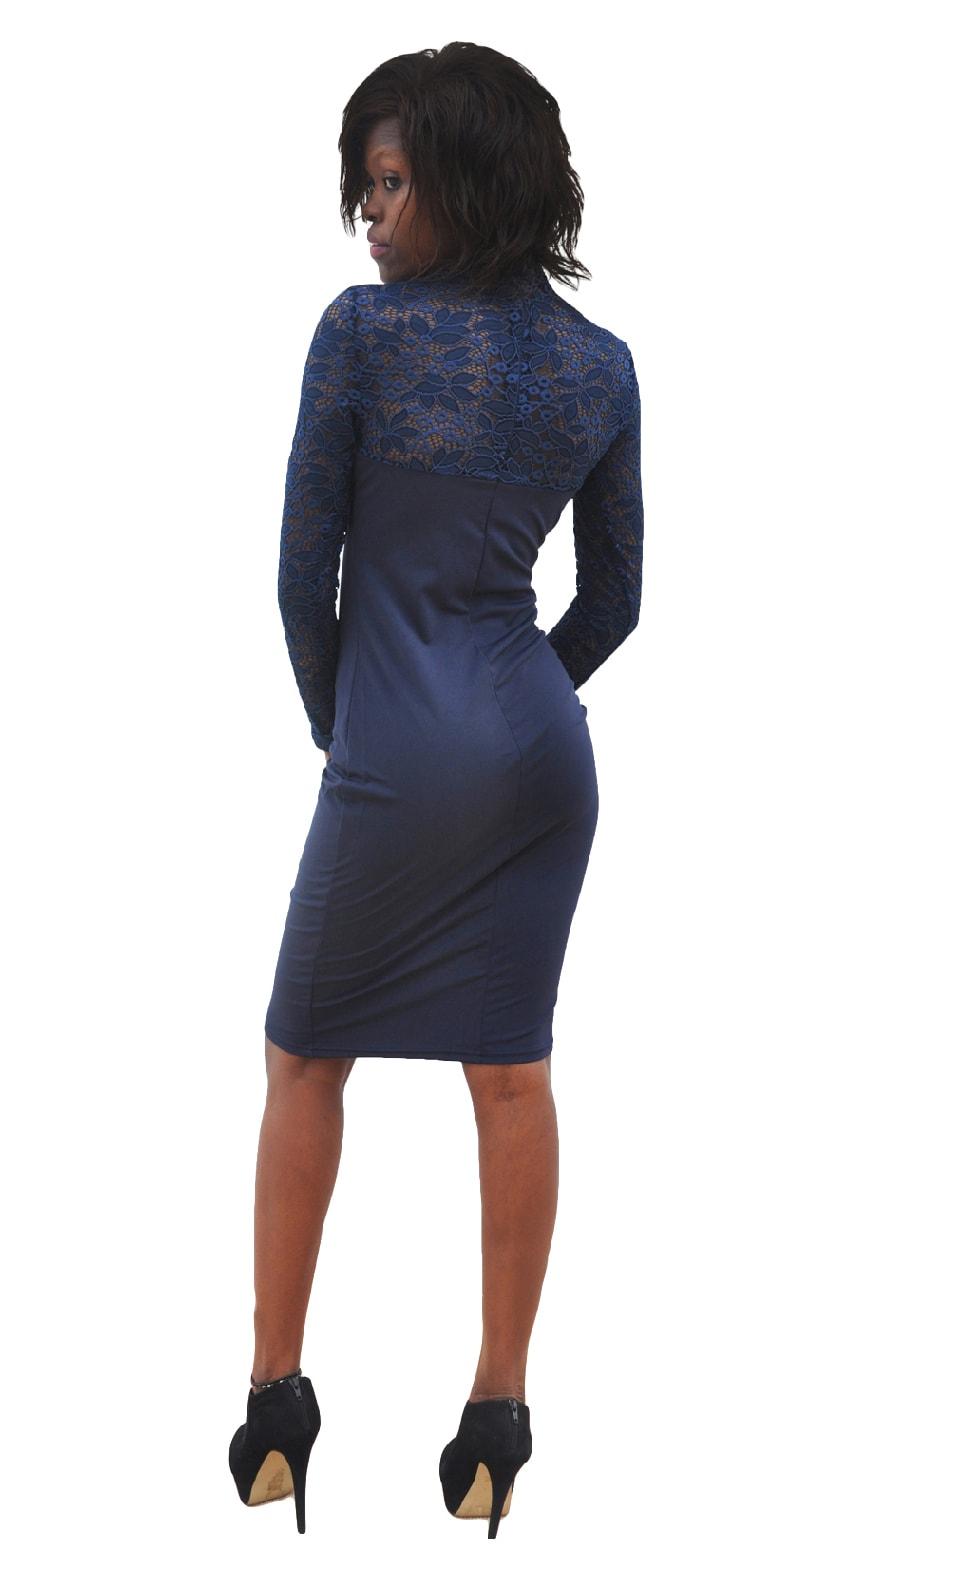 M0295 blue4 Bodycon Dresses maureens.com boutique